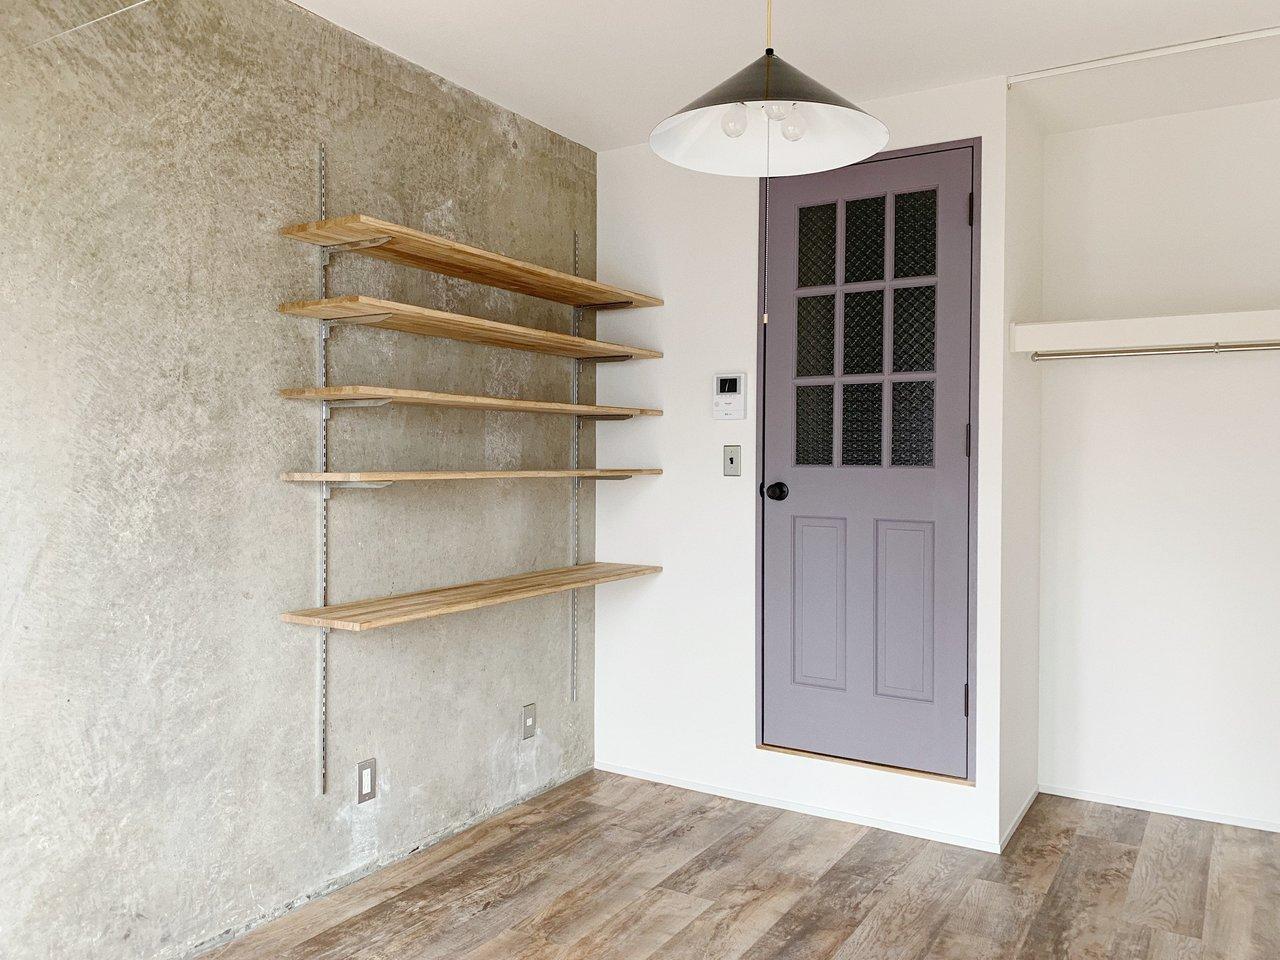 コンクリ壁にラベンダー色のドアが可愛い!可動式の棚もつくりつけなので、好きな雑貨を飾りましょう。